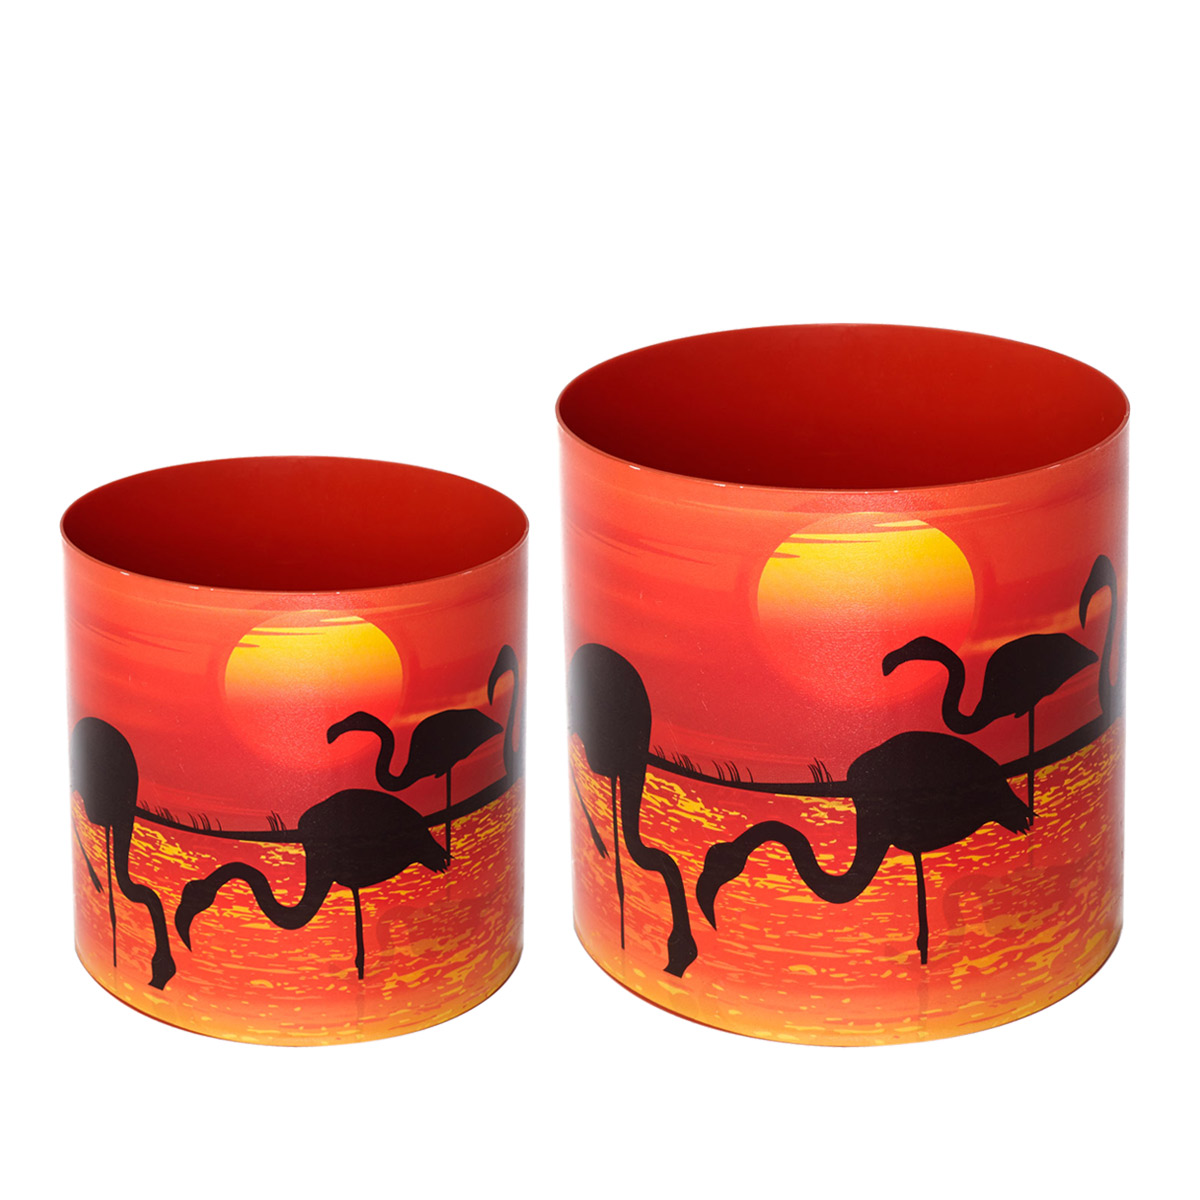 Набор горшков для цветов Miolla Фламинго, со скрытым поддоном, 2 предметаSMG-SET2Набор Miolla Фламинго состоит из 2 горшков со скрытыми поддонами. Горшкивыполнены из пластика и декорированы красочным рисунком. Изделия предназначены для цветов. Изделия оснащены специальными скрытыми поддонами.Объем горшков: 1 л, 1,7 л.